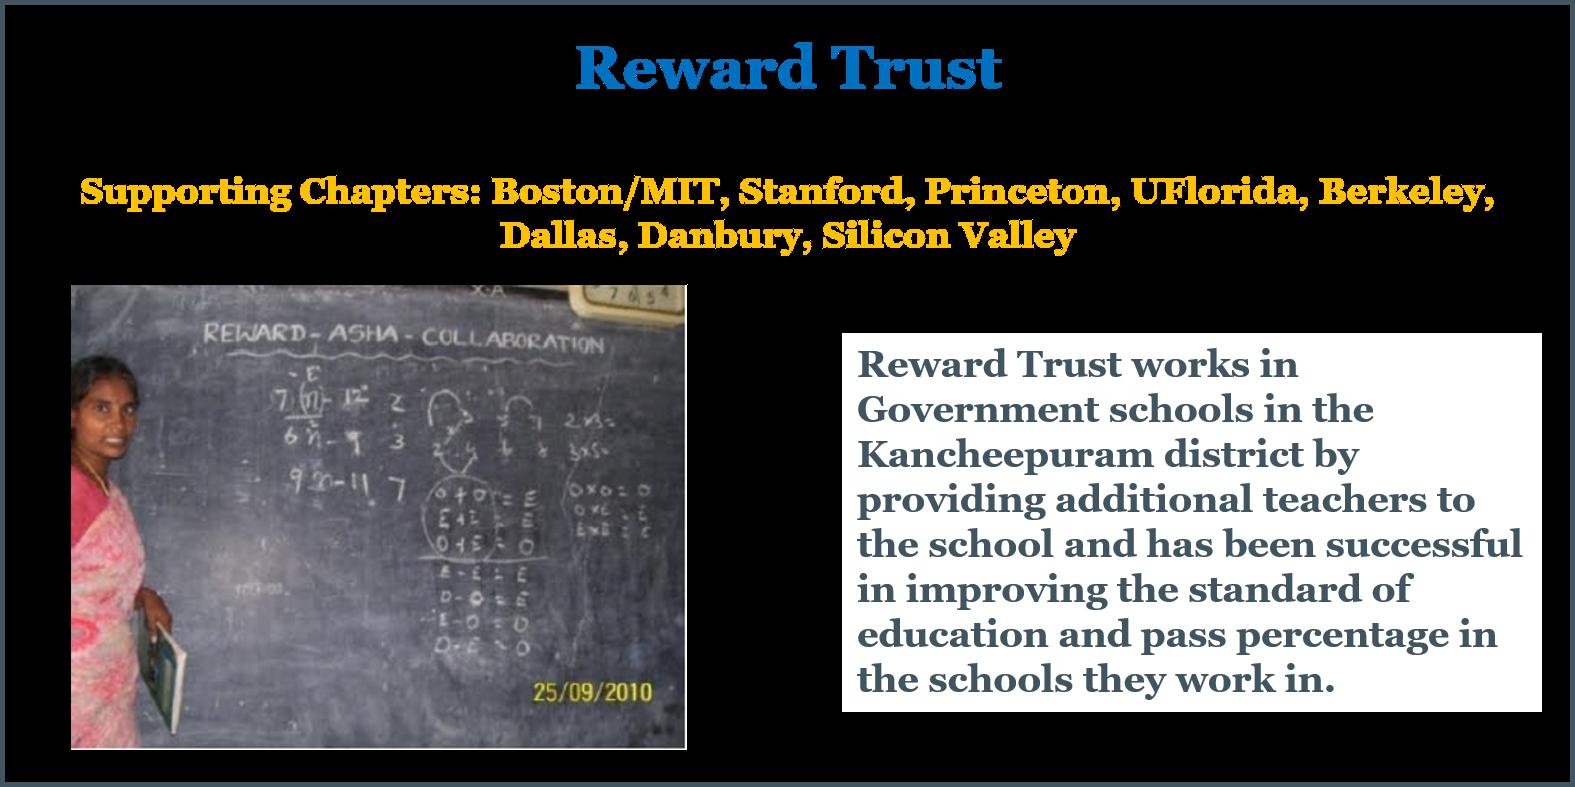 Reward Trust